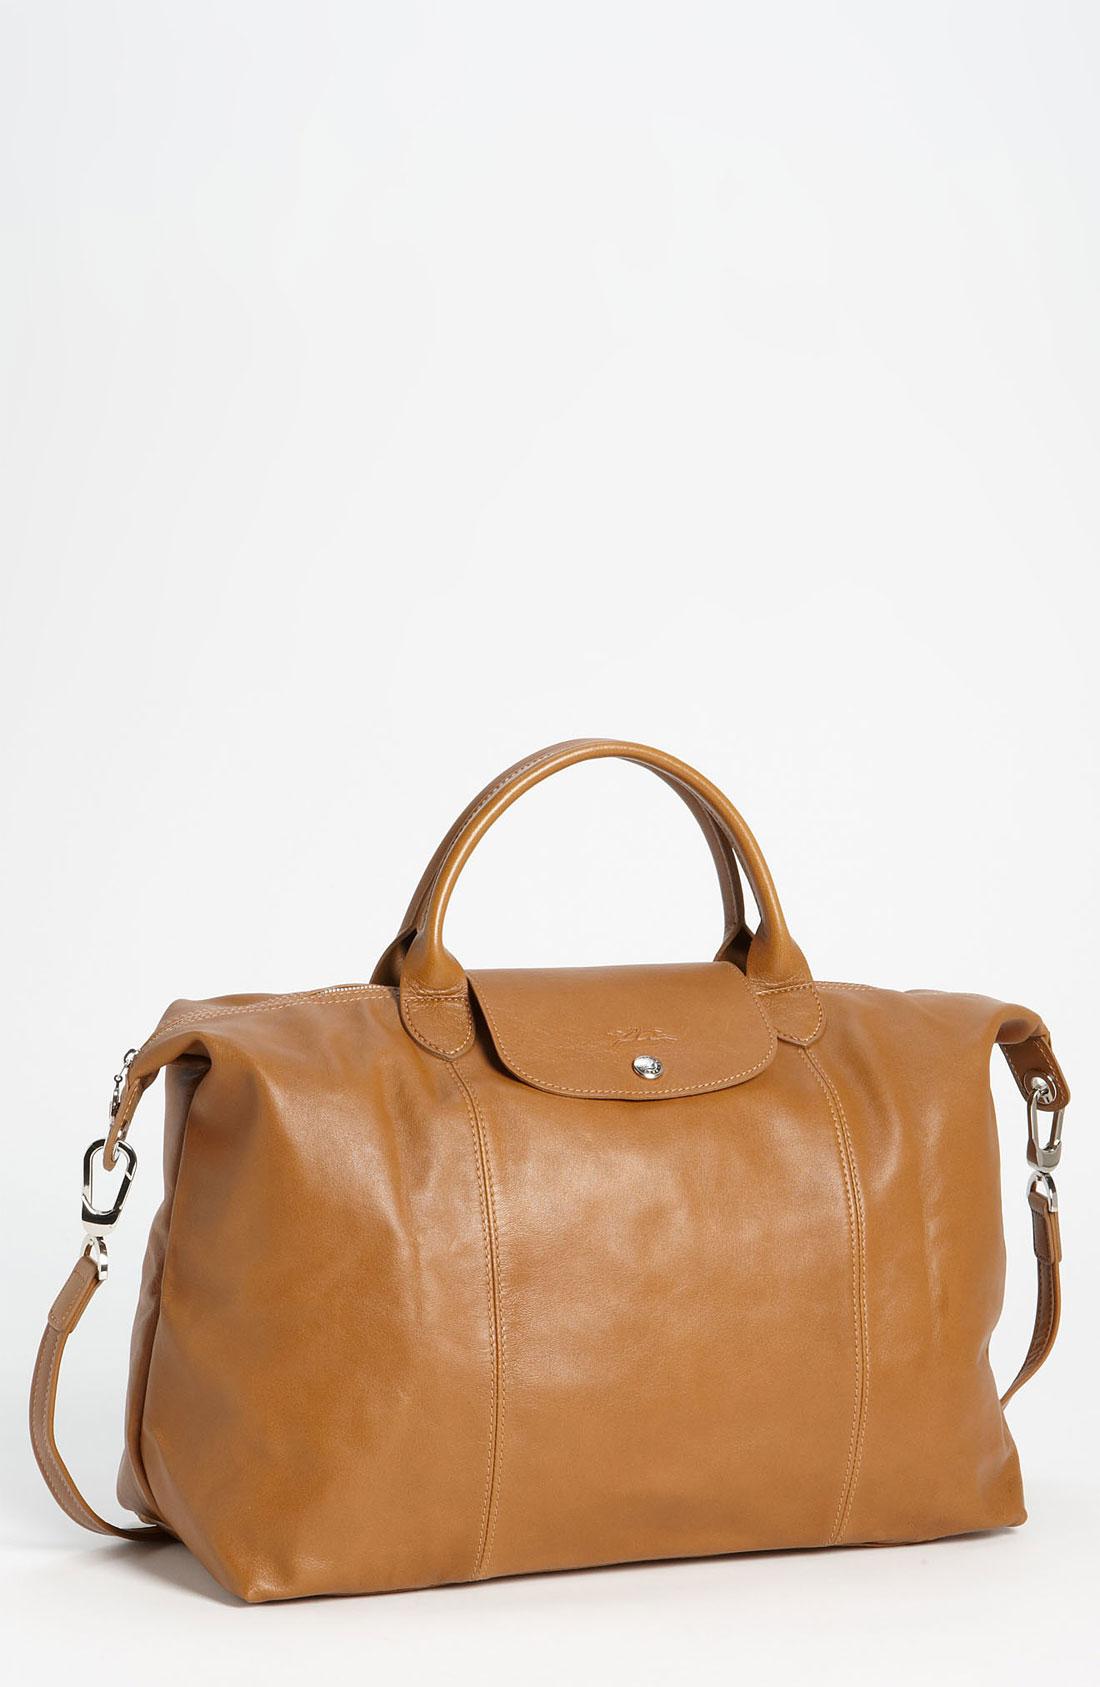 sac à main cuir marron